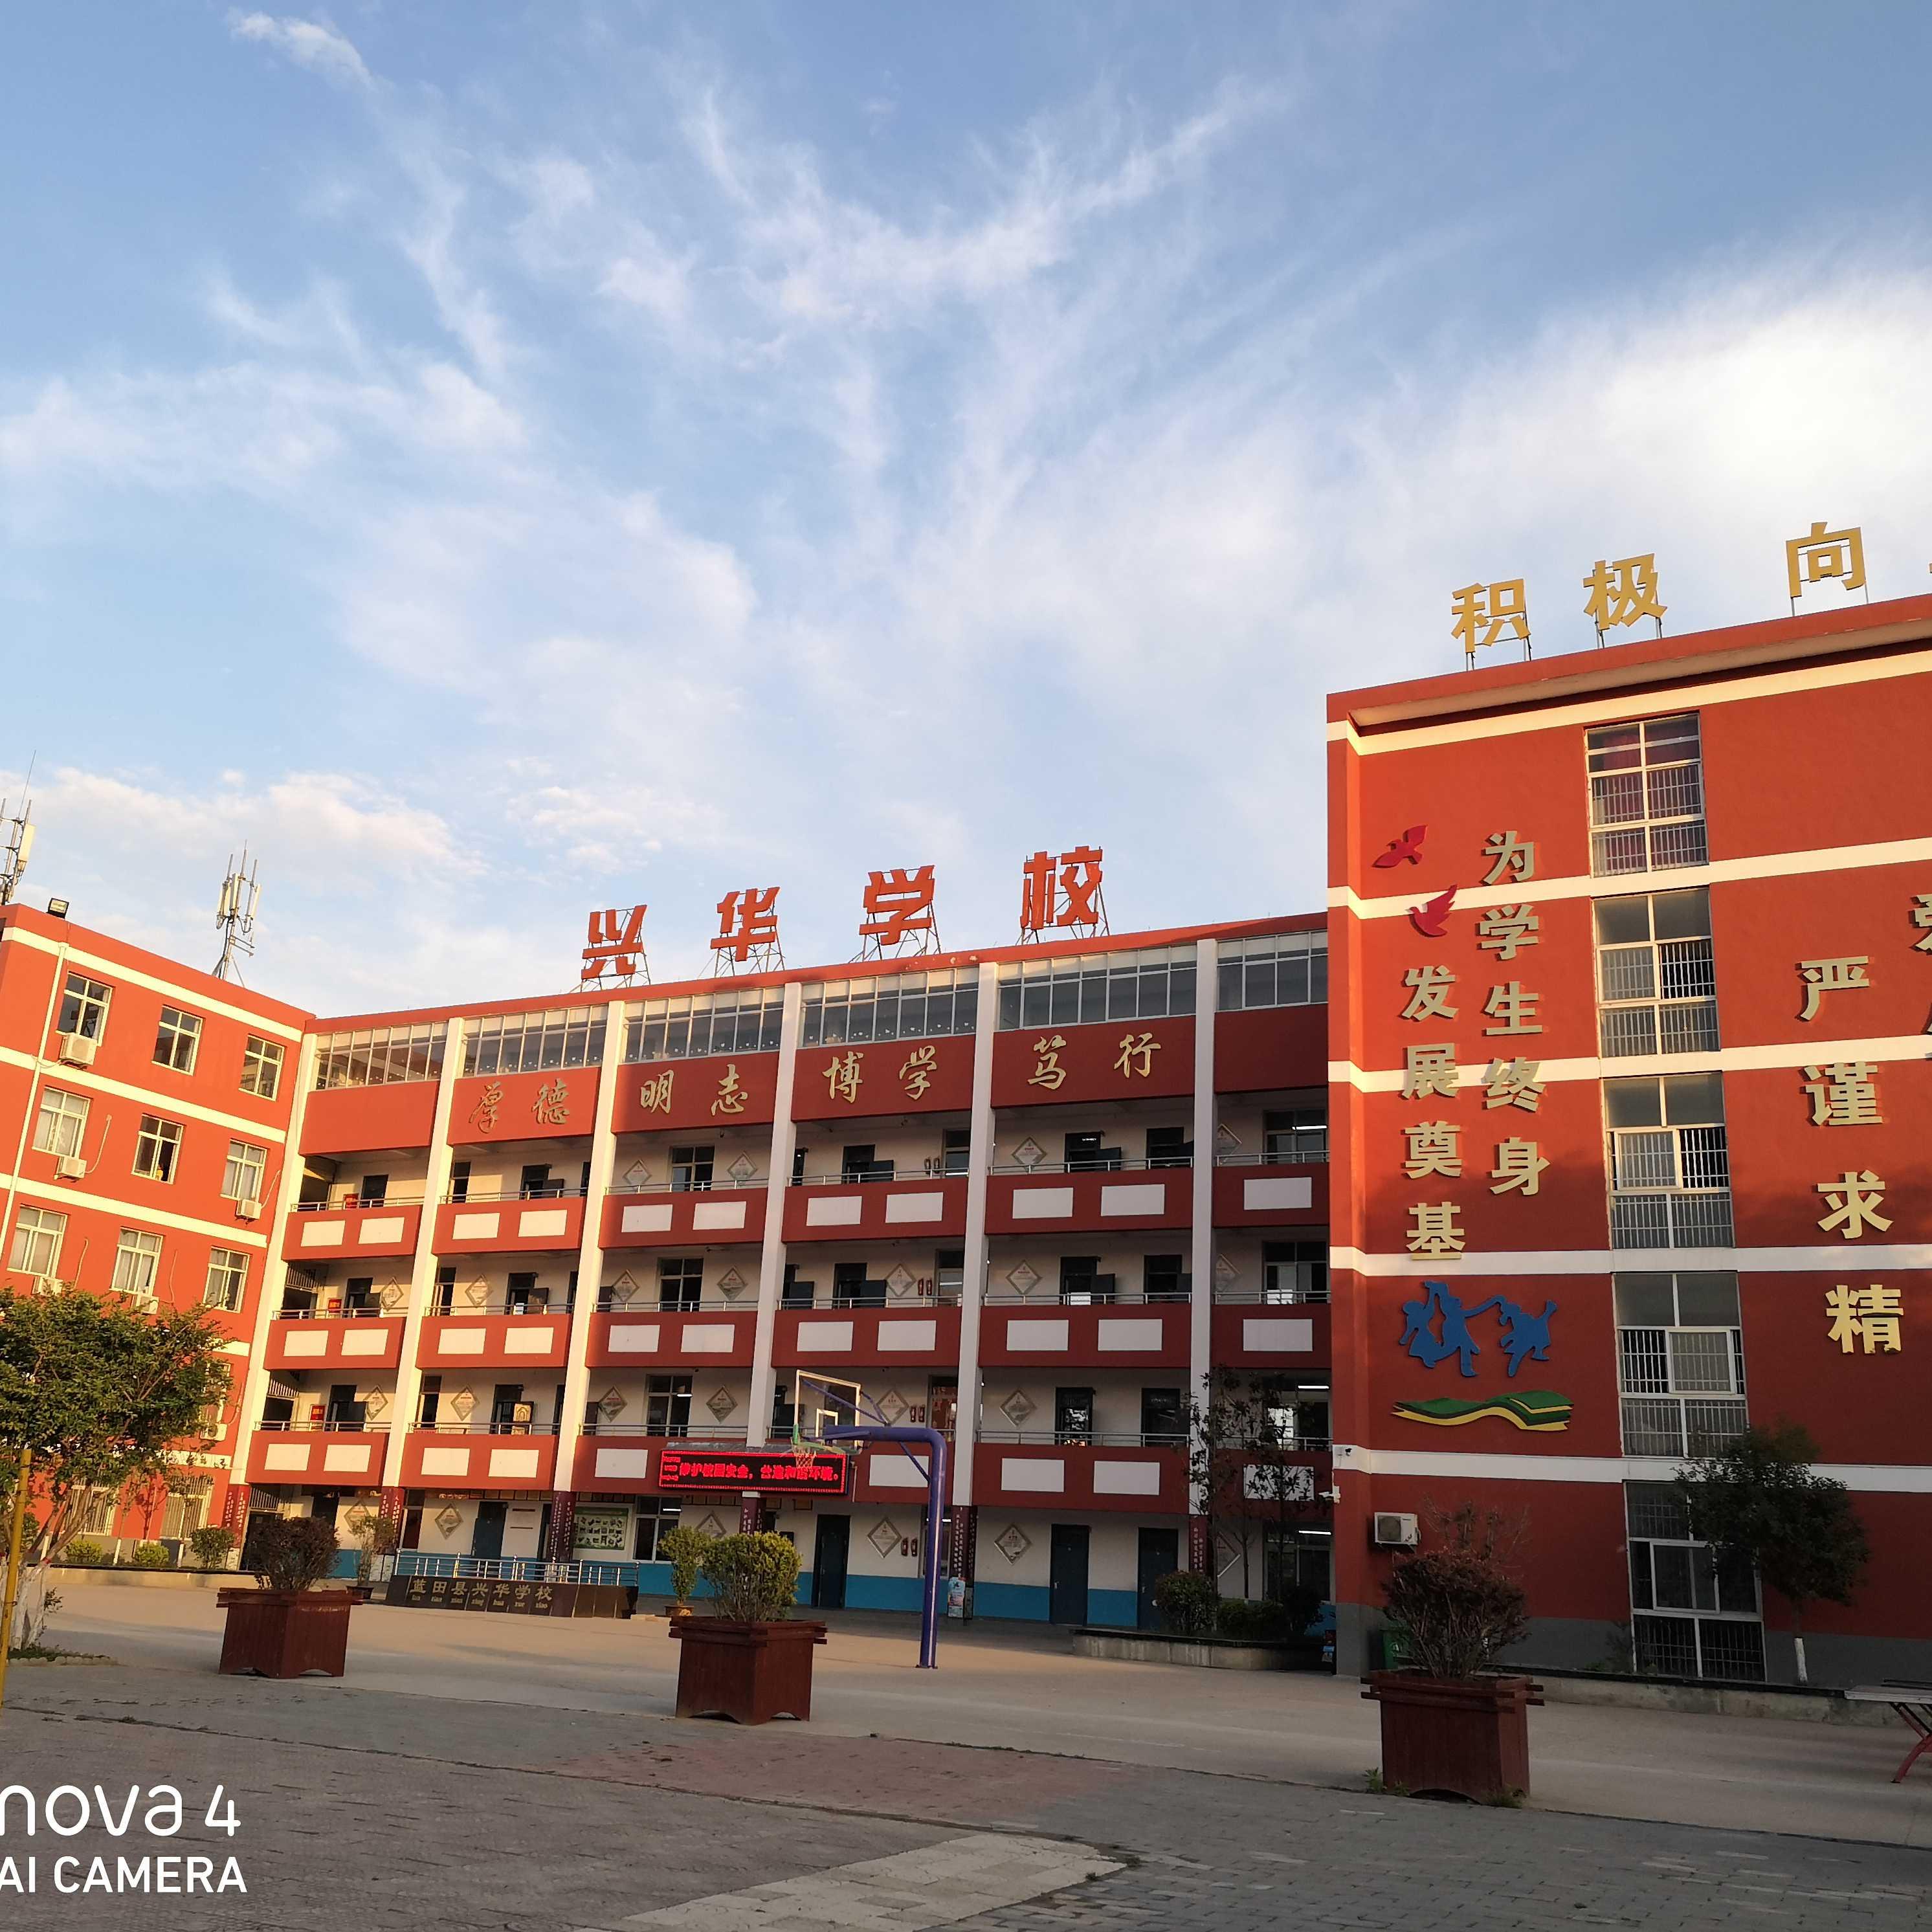 蓝田县兴华学校是经市县教育行政部门批准成绩的一所全